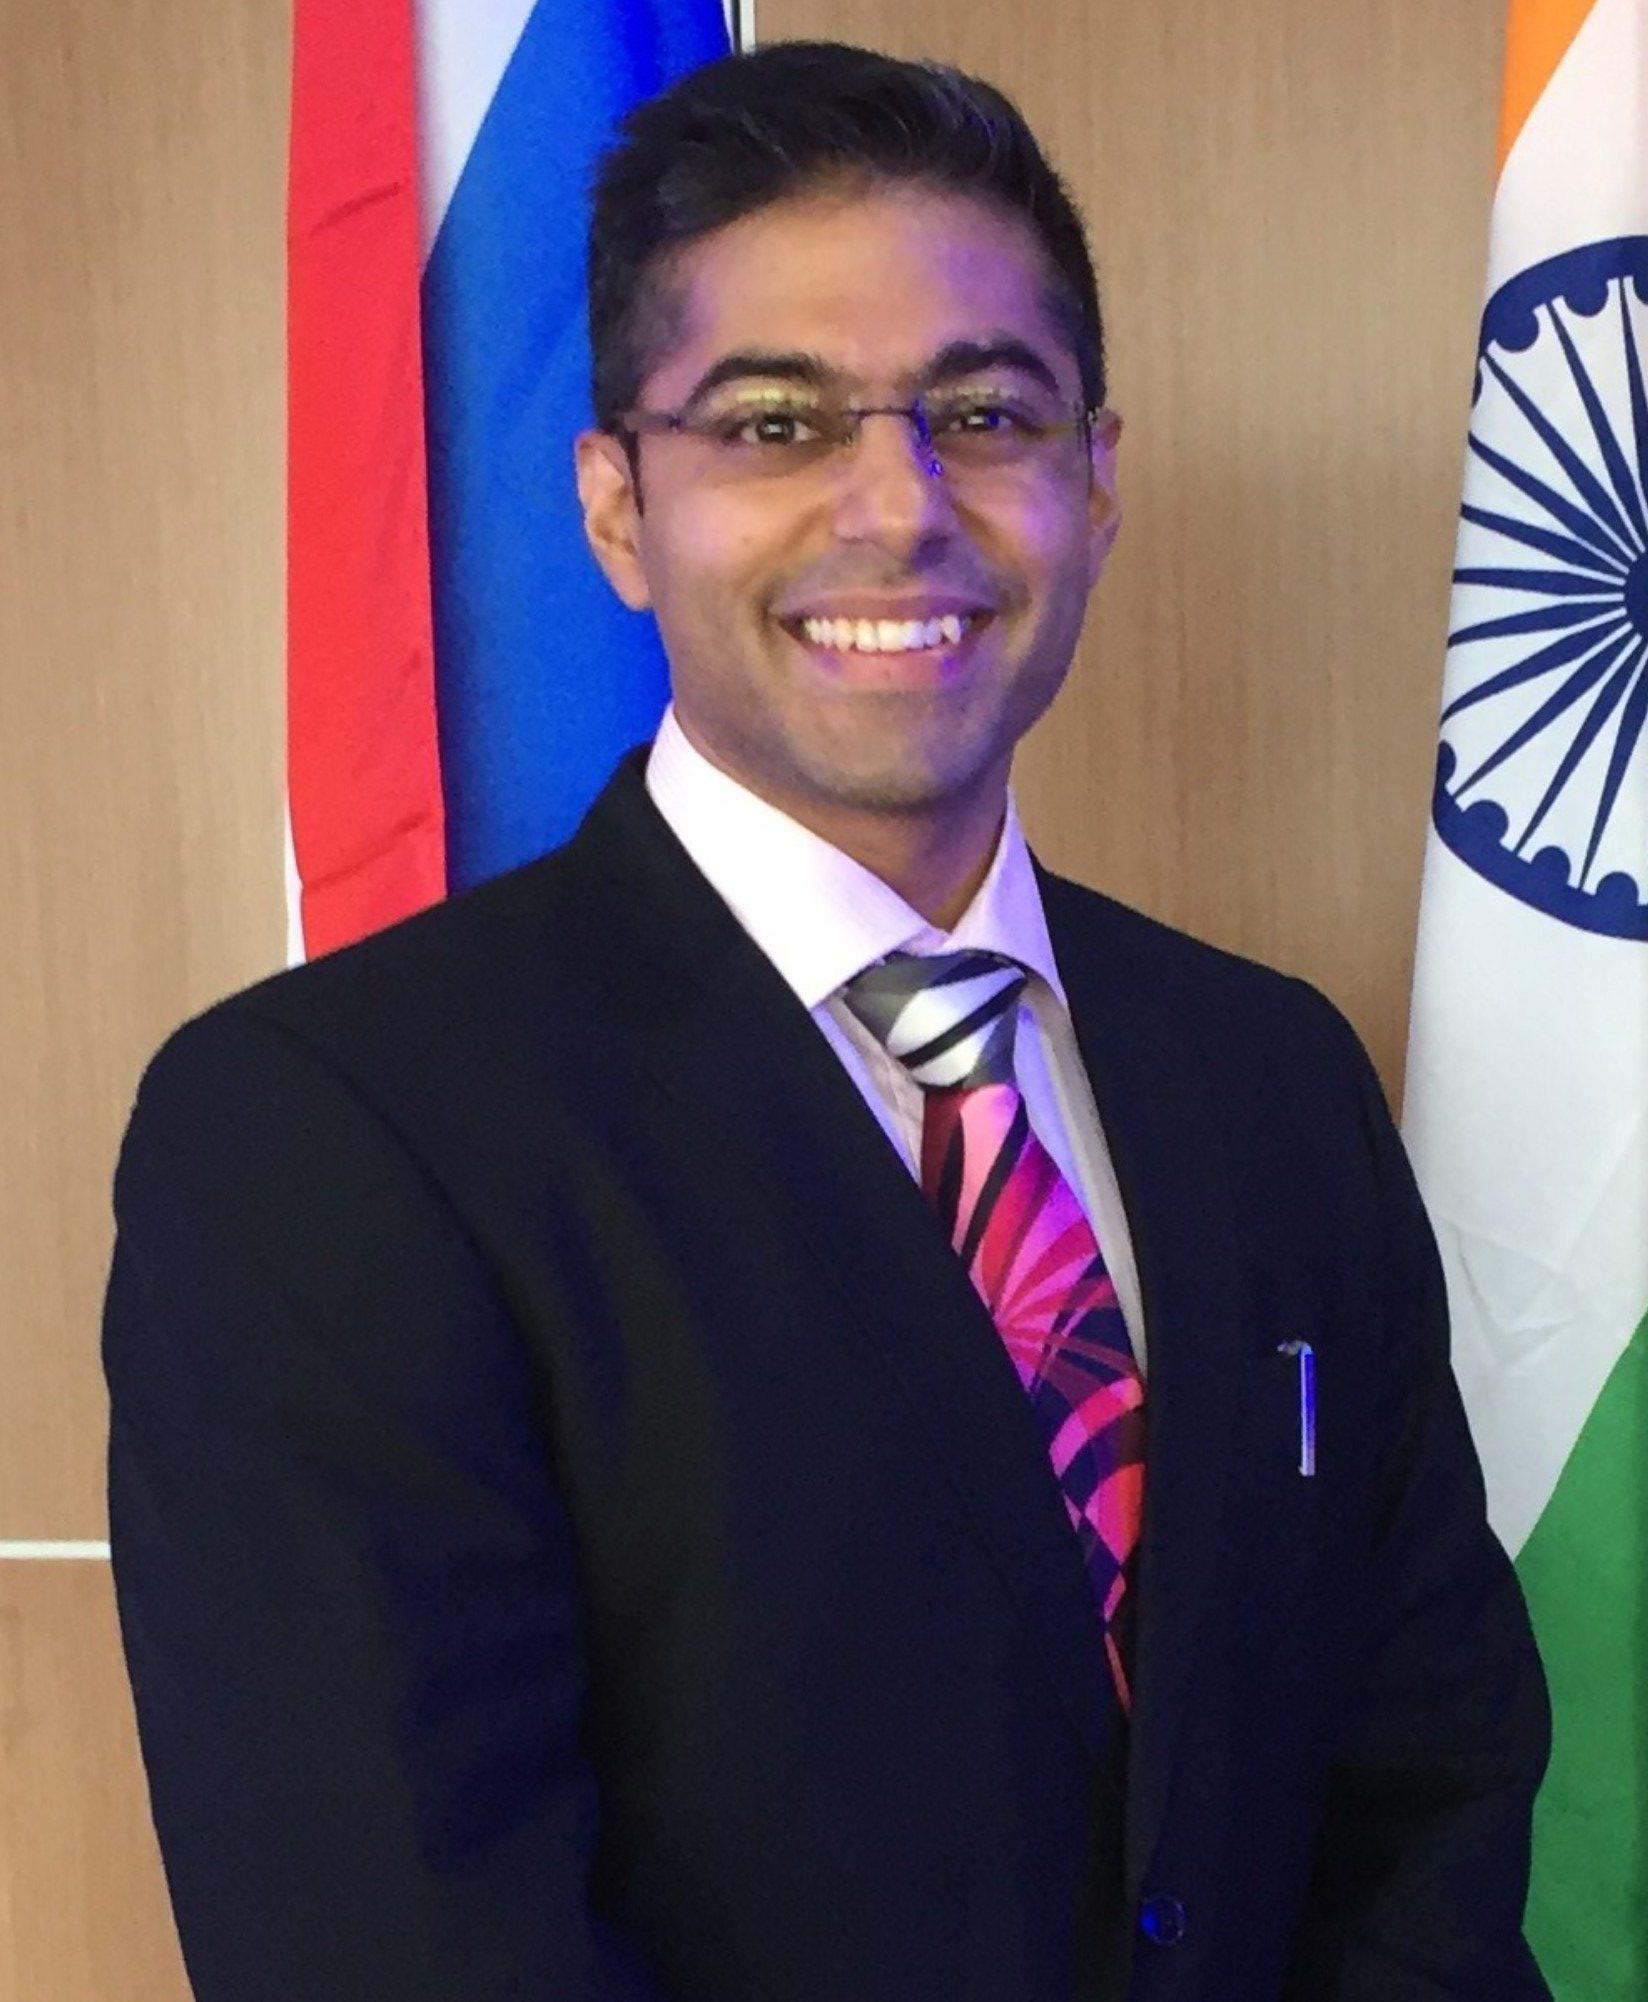 Varun Chaudhri